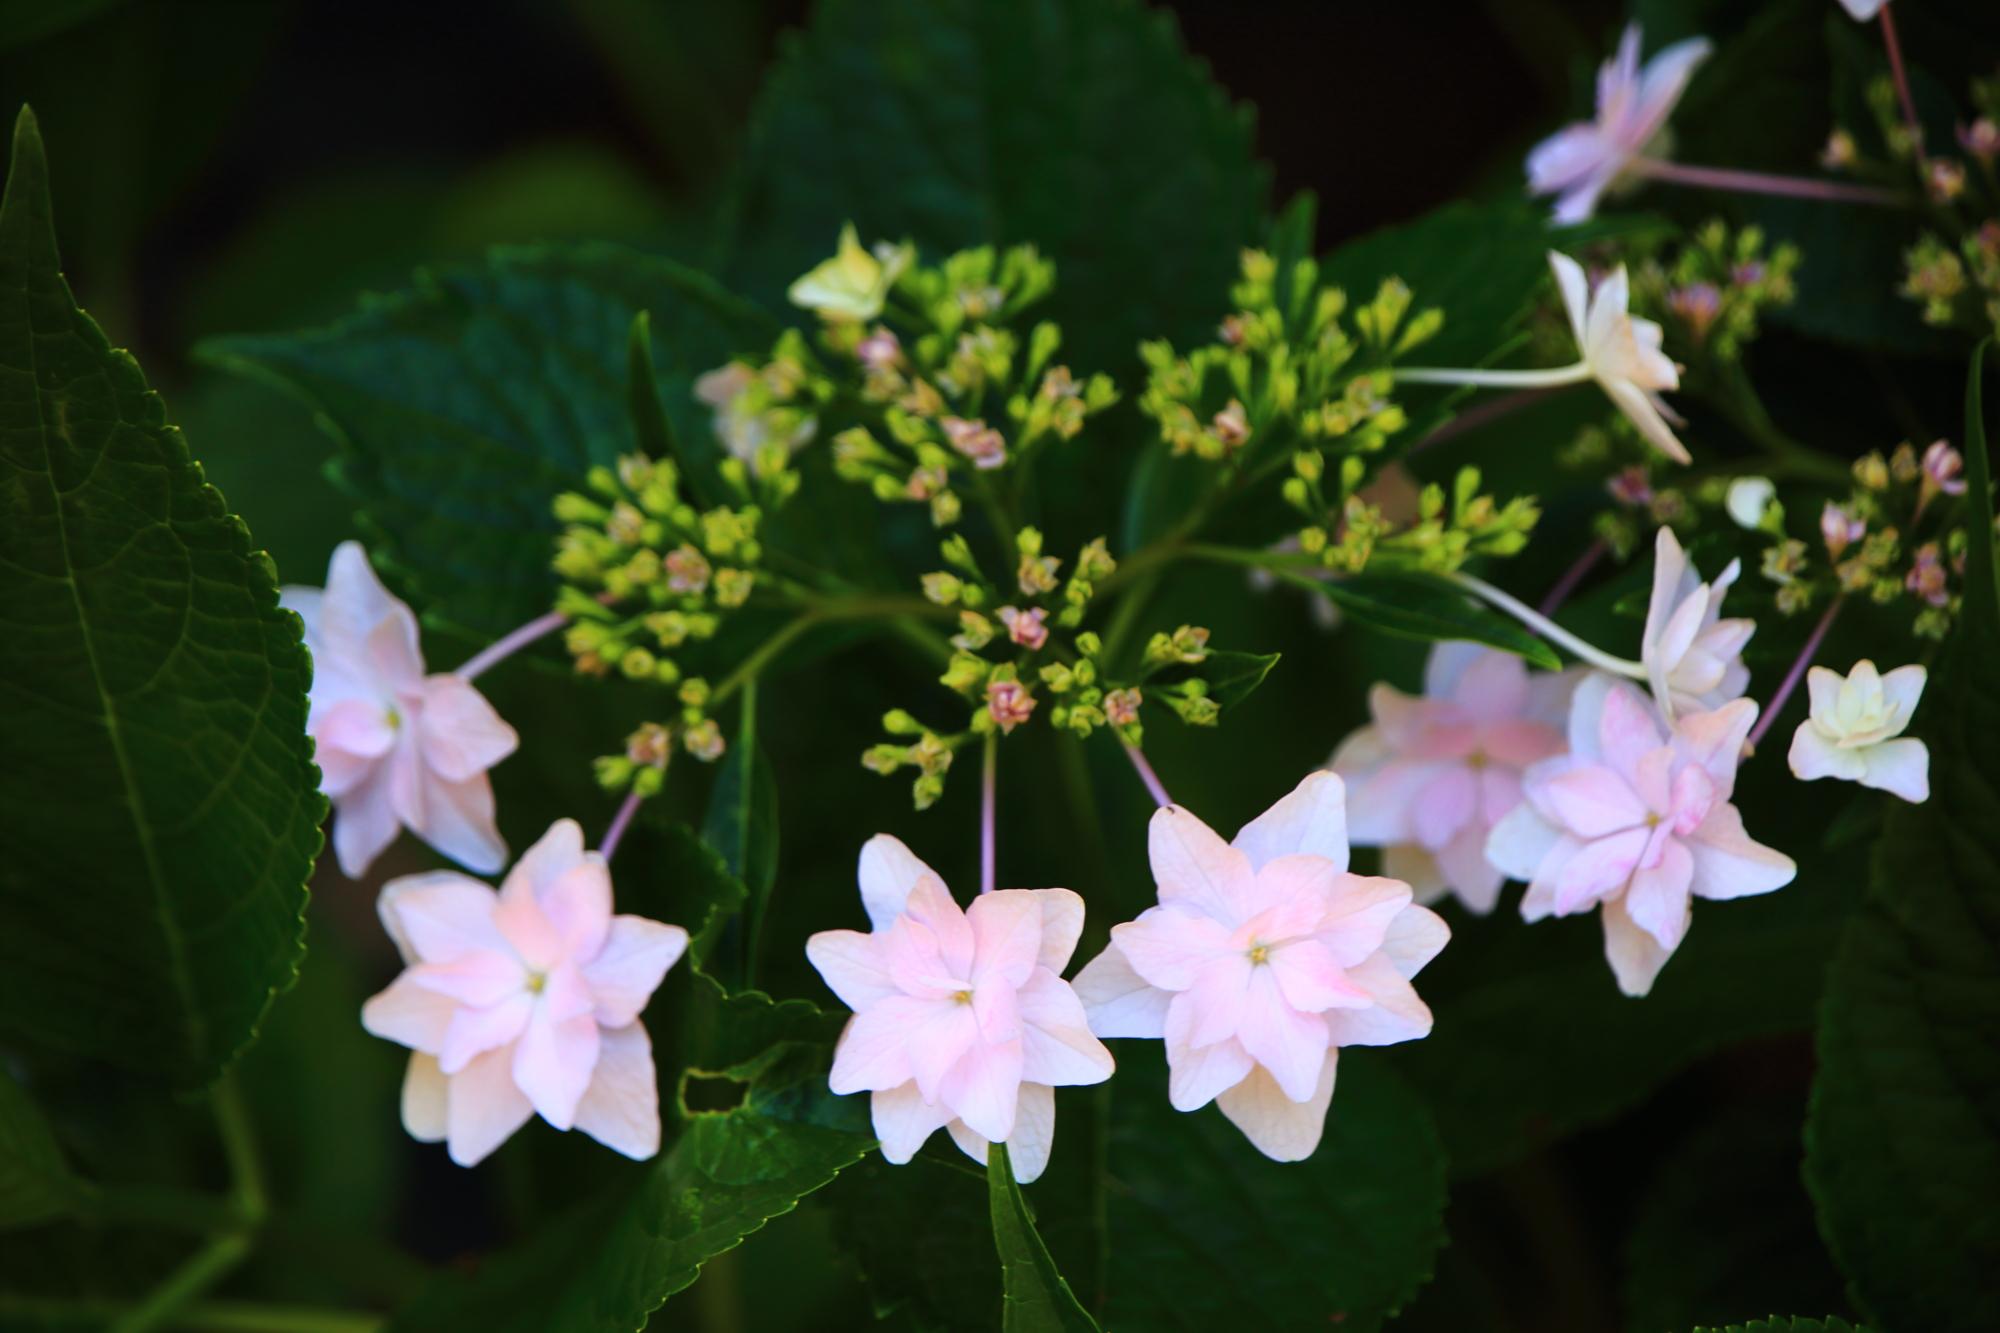 梅宮大社の可愛い薄いピンクのホシアジサイ